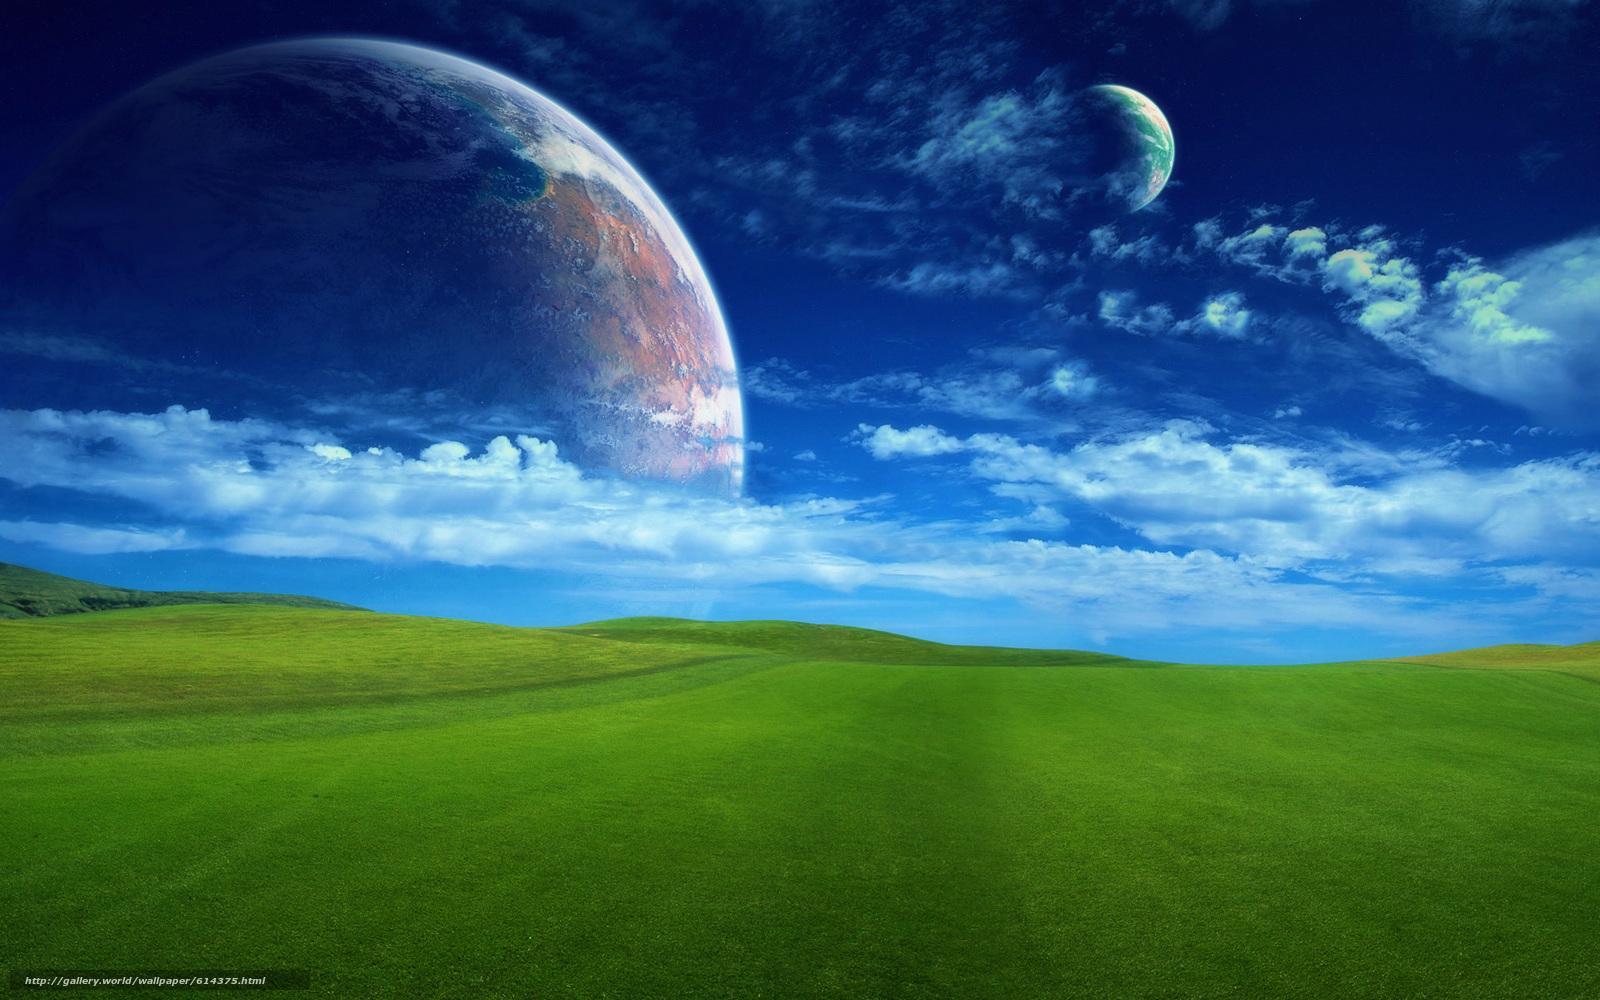 下载壁纸 场,  天空,  云,  地球 免费为您的桌面分辨率的壁纸 1920x1200 — 图片 №614375